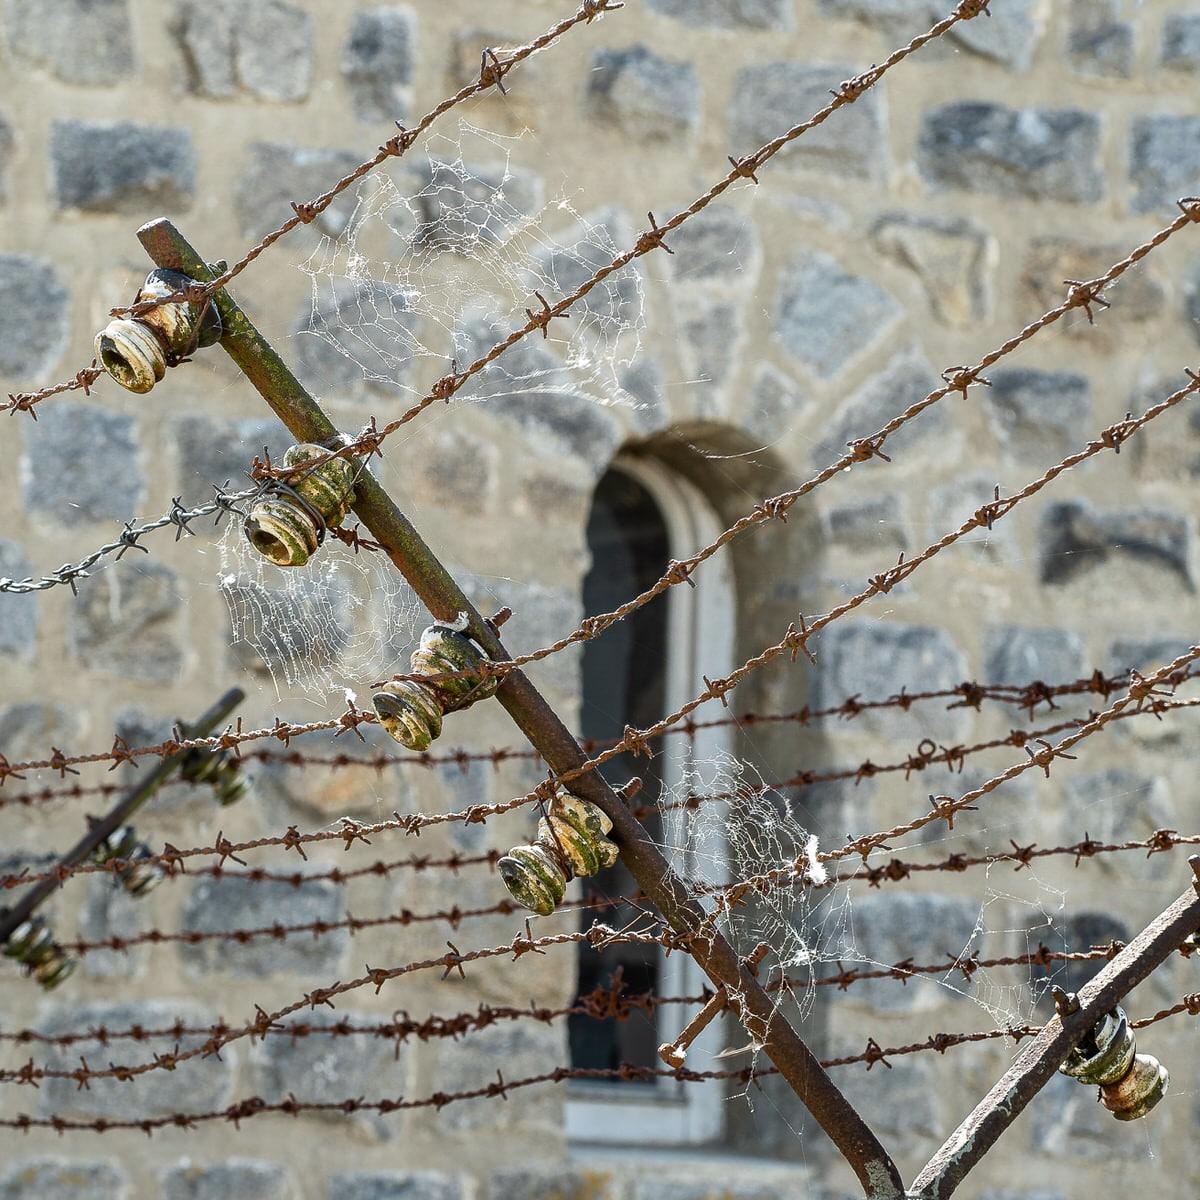 56-Patsalidis-02-Mauthausen